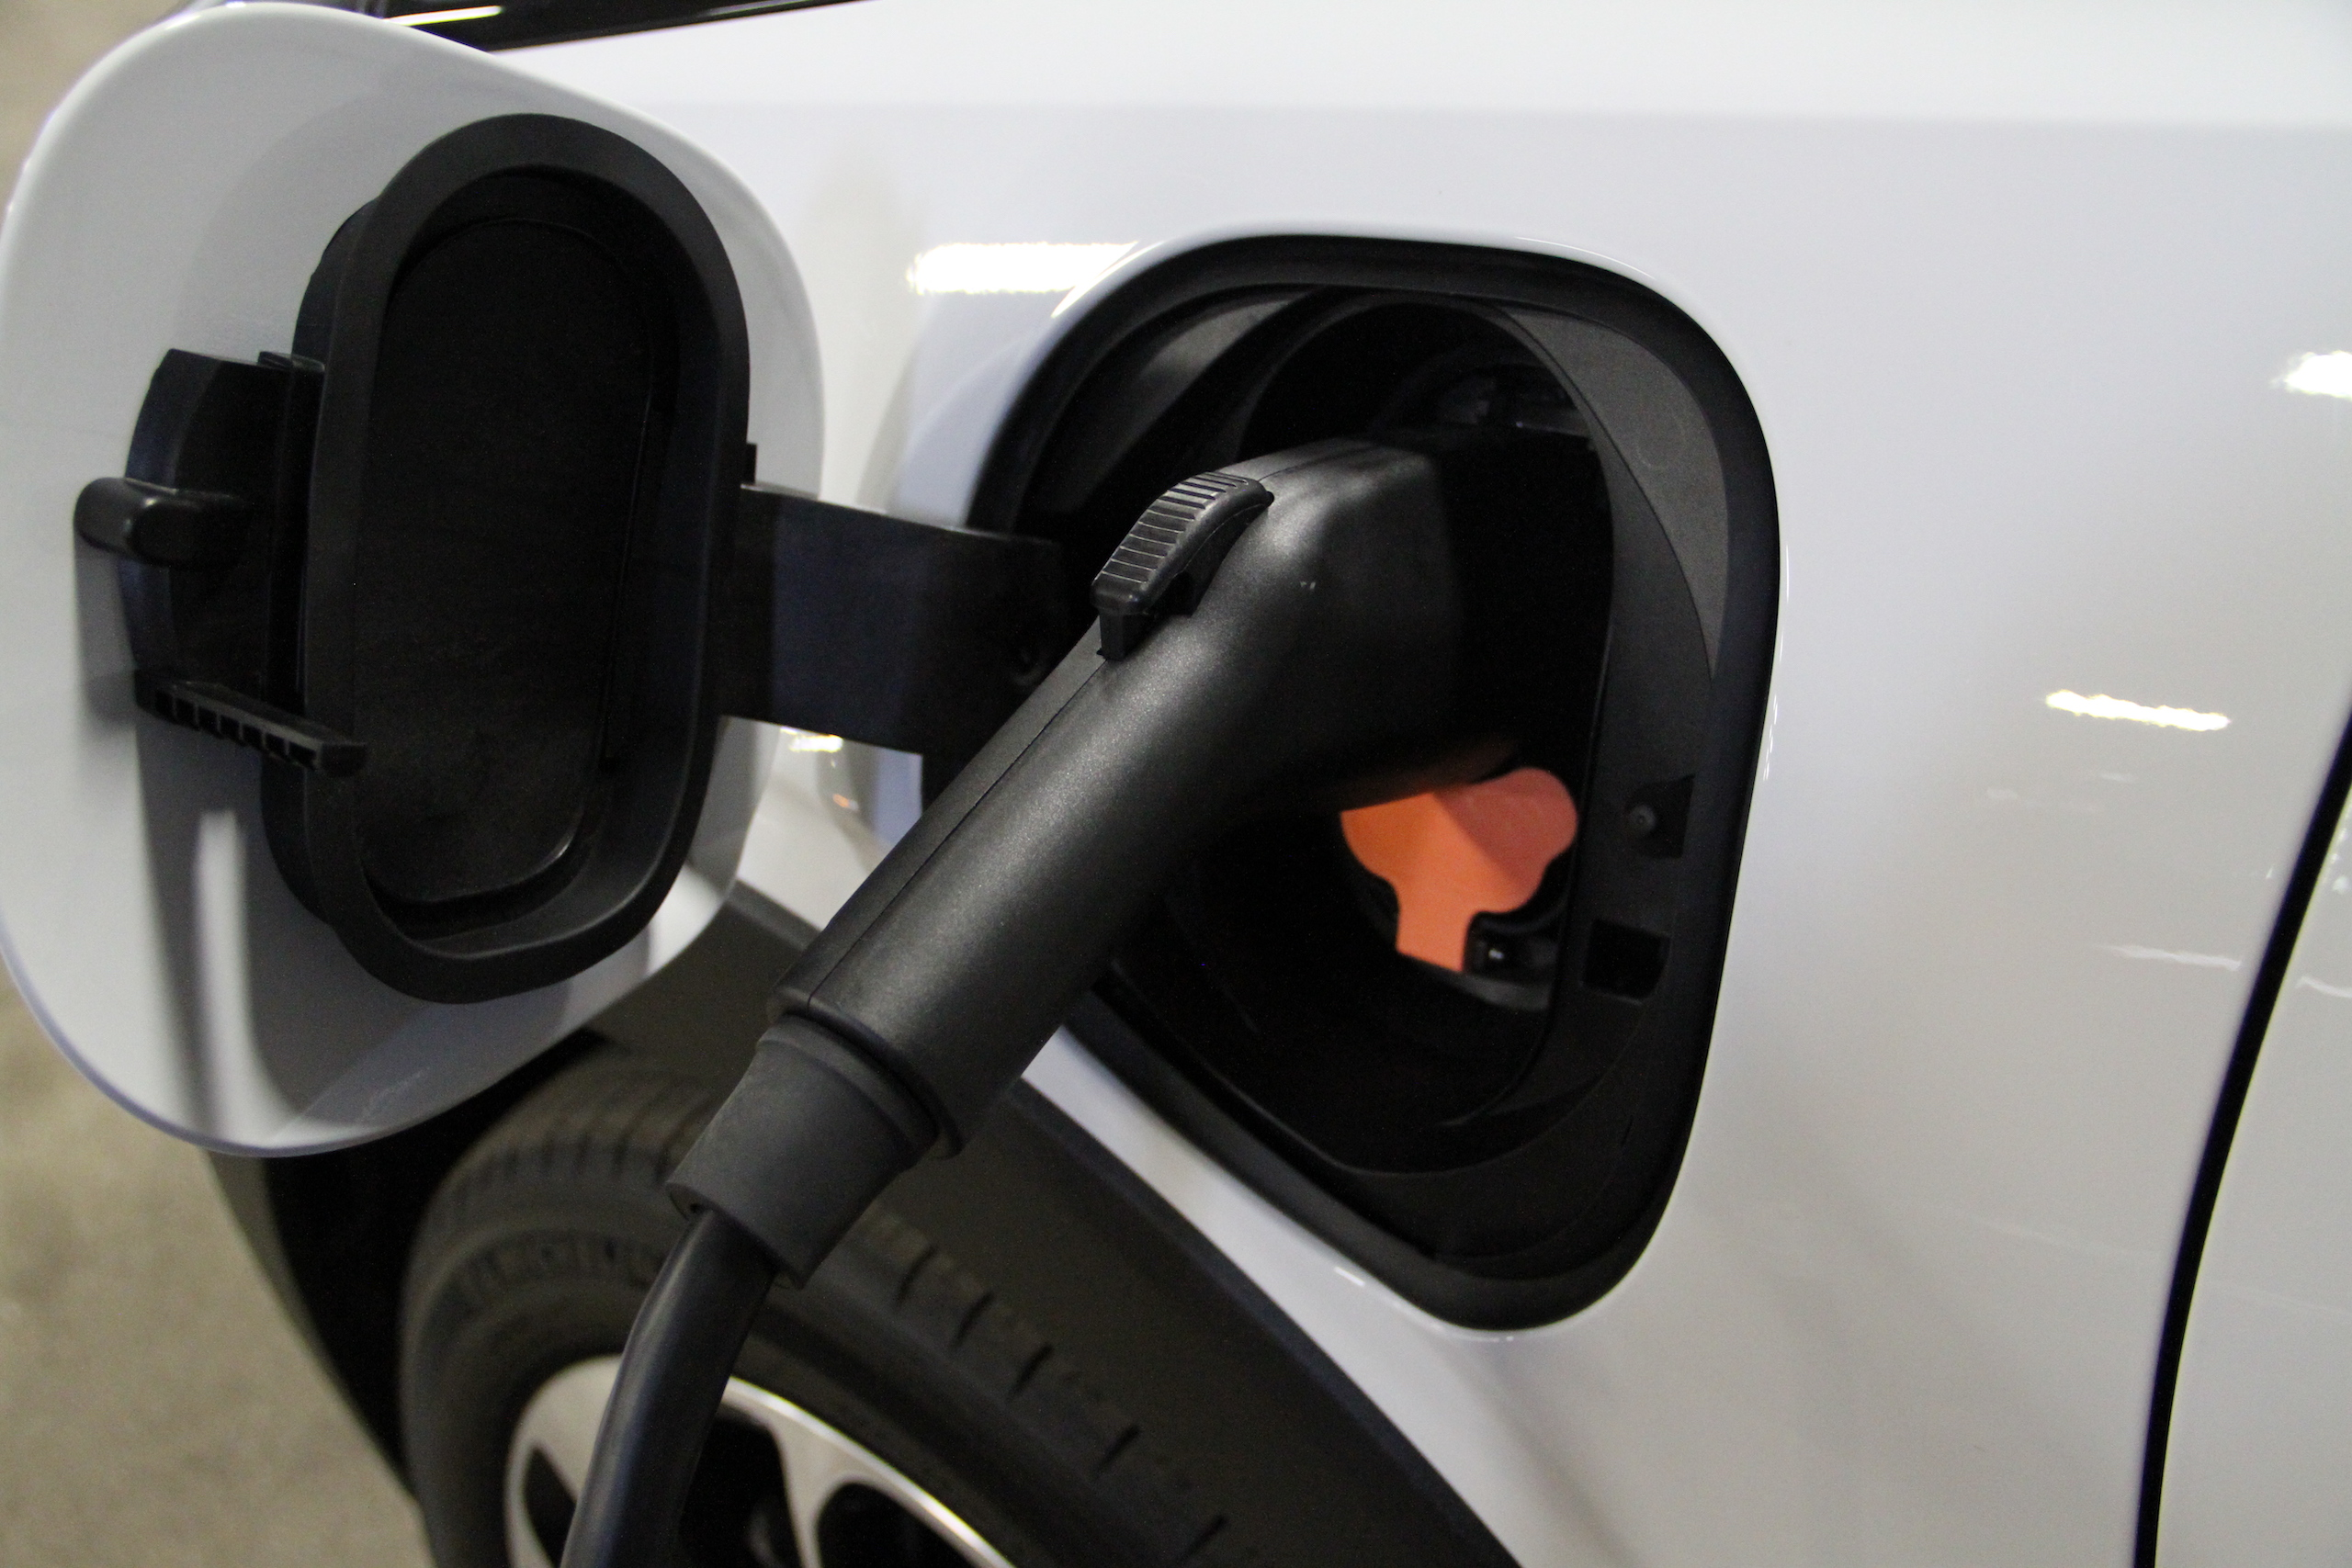 2022 Bolt EUV charging port close